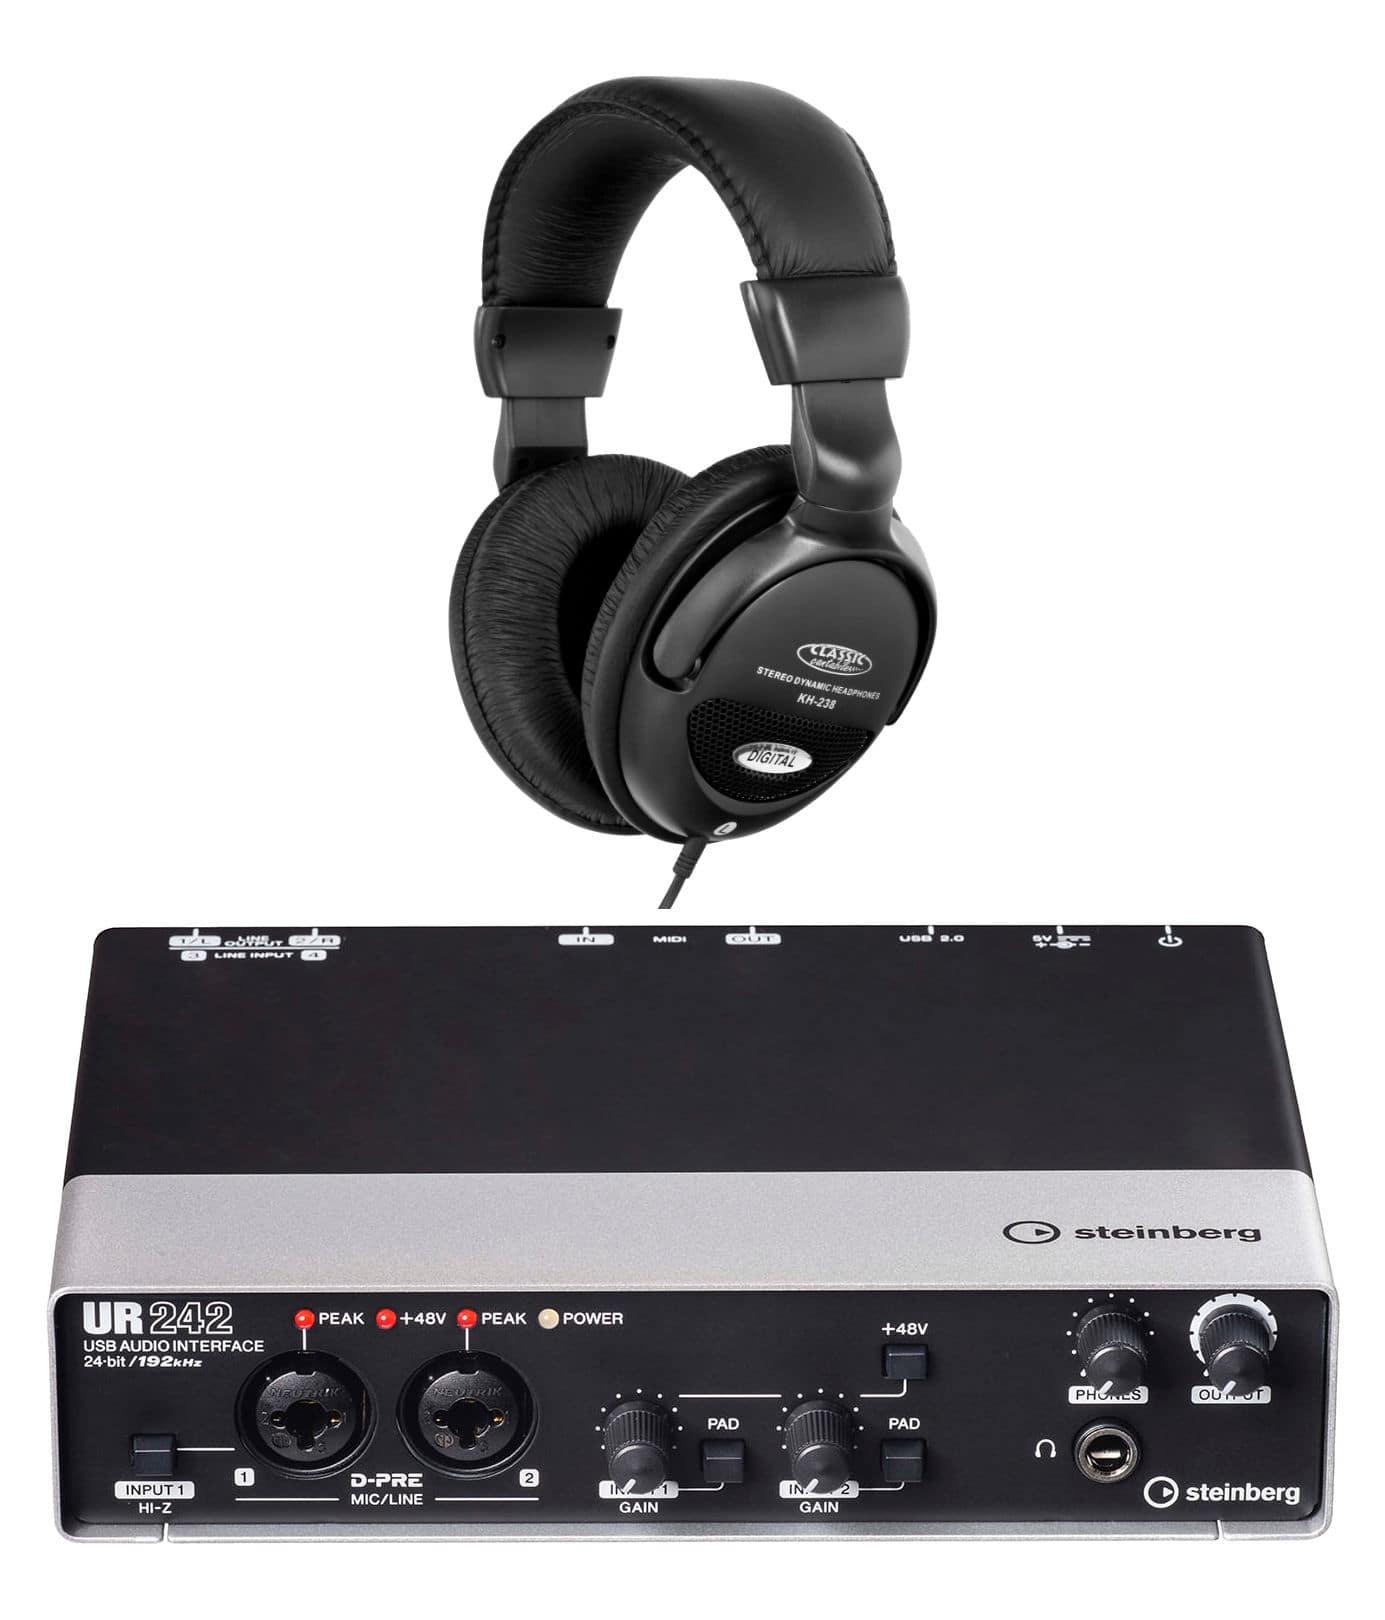 Pchardware - Steinberg UR242 USB Audio Interface Set - Onlineshop Musikhaus Kirstein